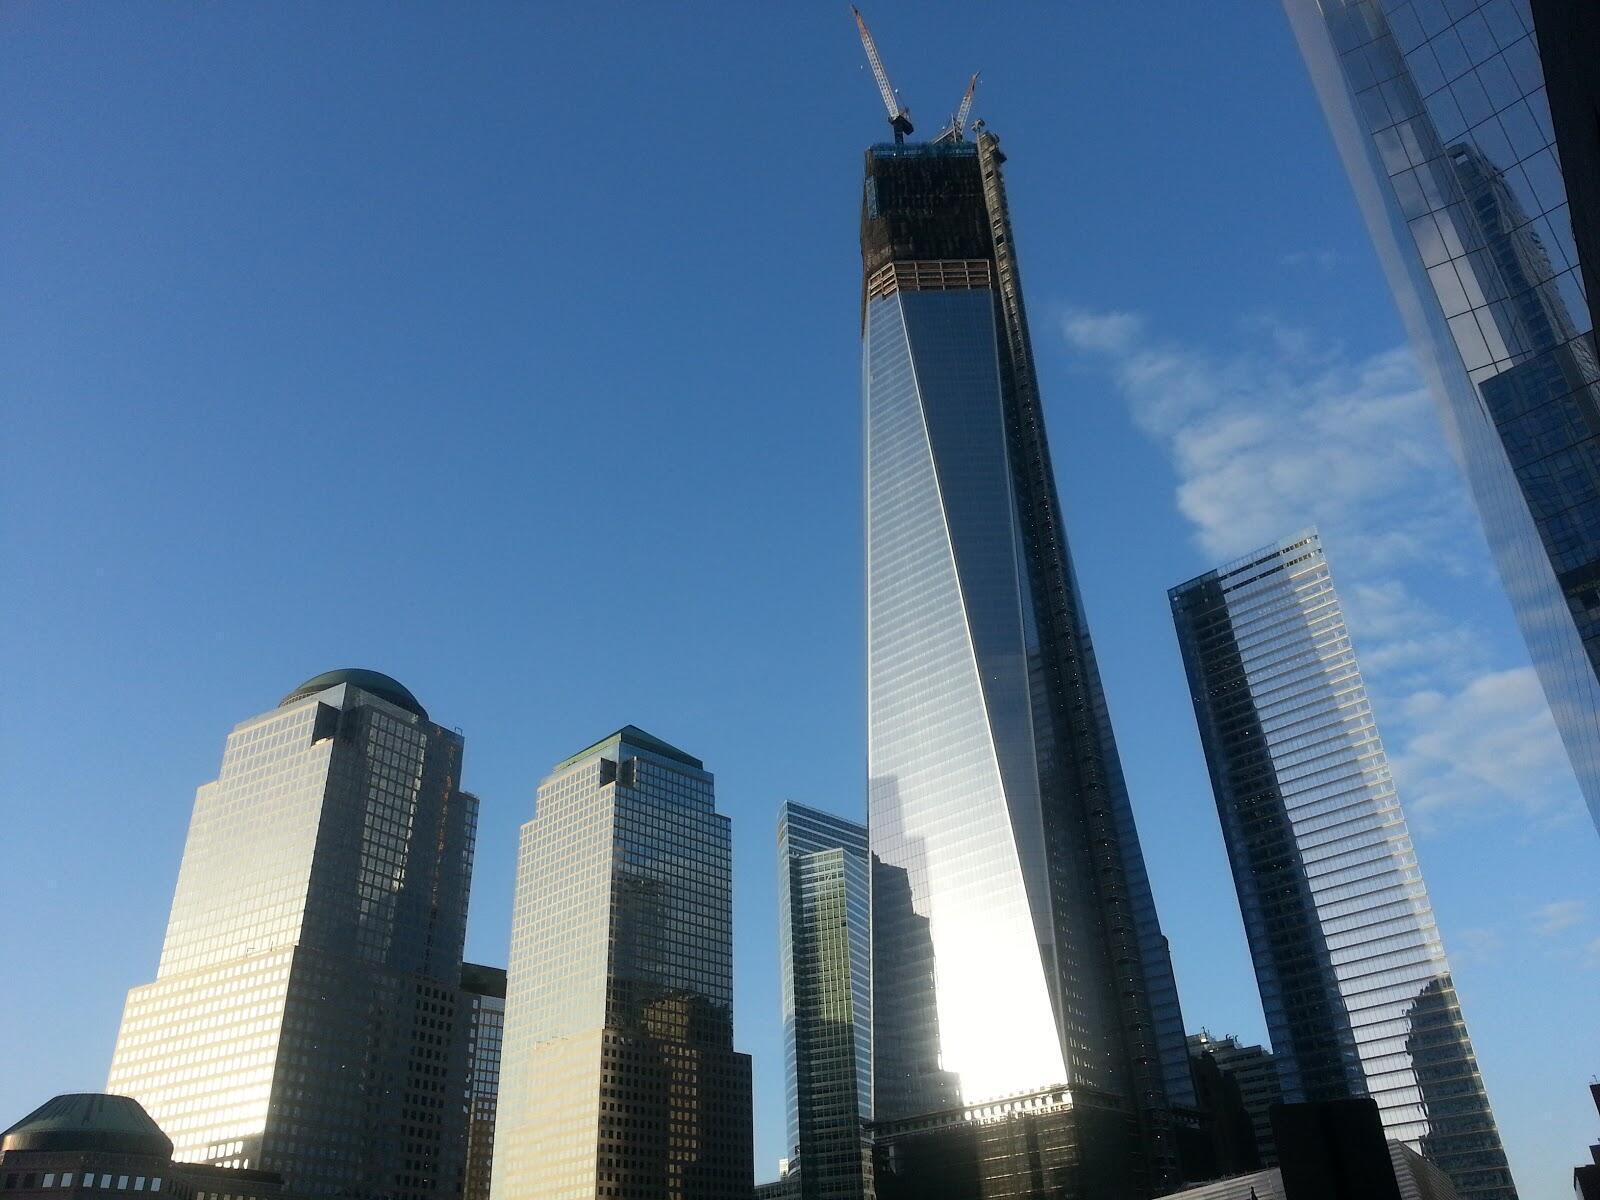 Imagem do novo complexo do Wolrd Trade Center, que ainda não conseguiu atrair o número esperado de locatários.